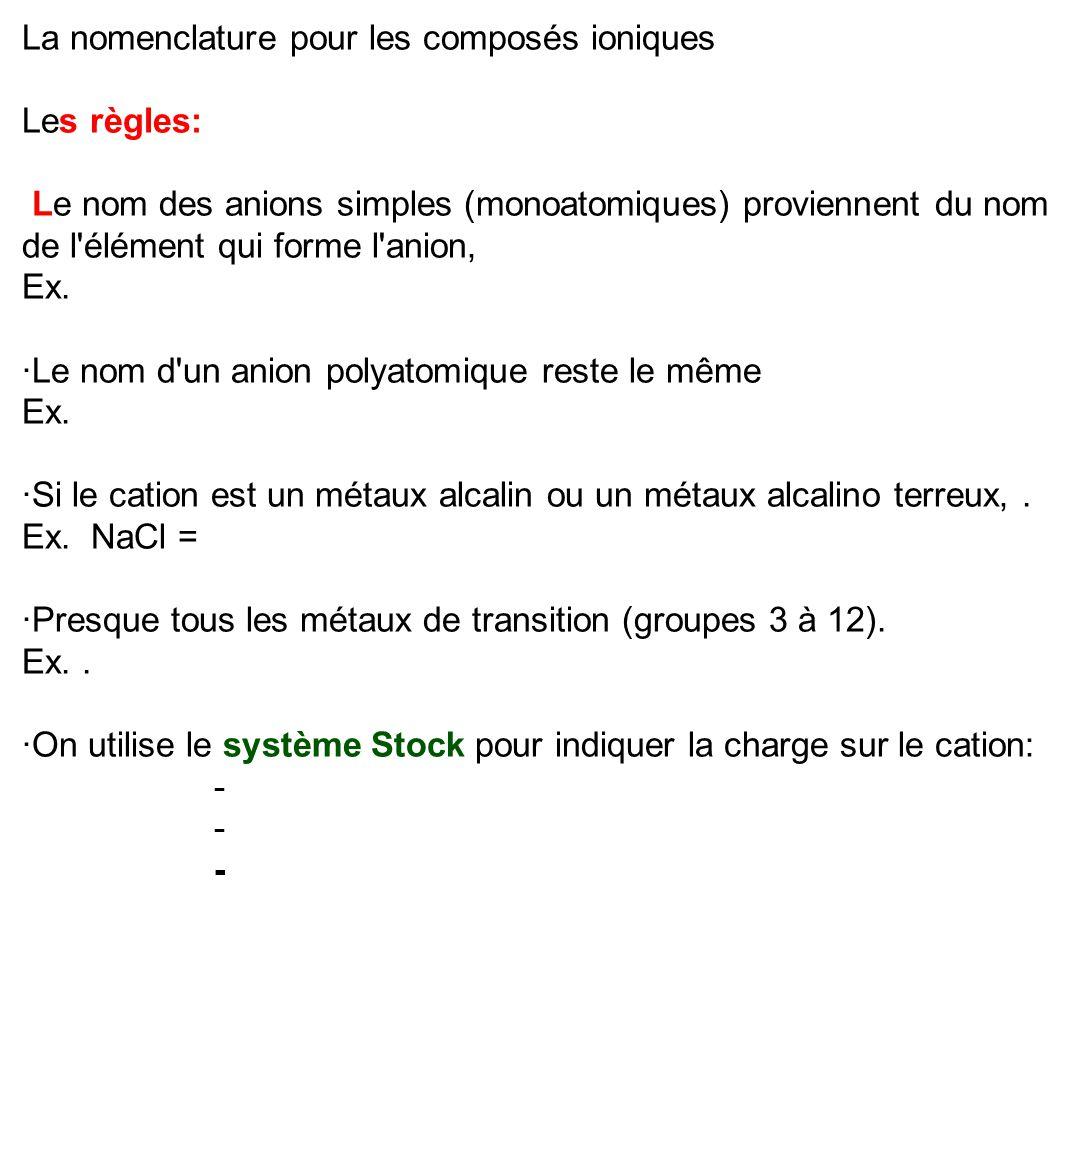 La nomenclature pour les composés ioniques